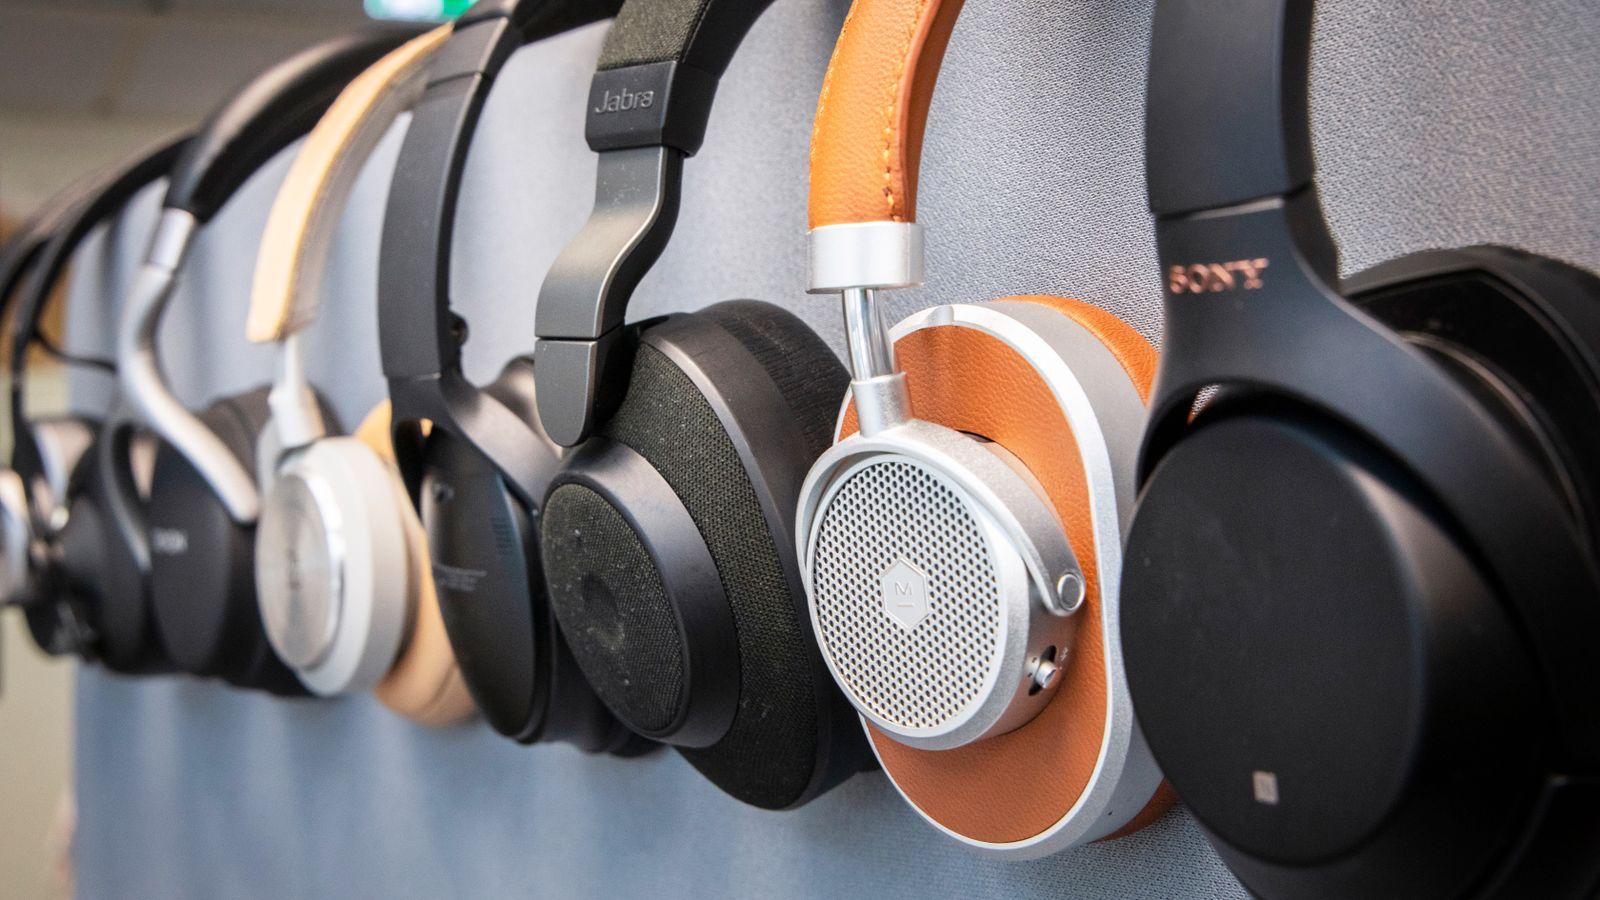 Best pris på Denon hodetelefoner, headset Se priser før kjøp